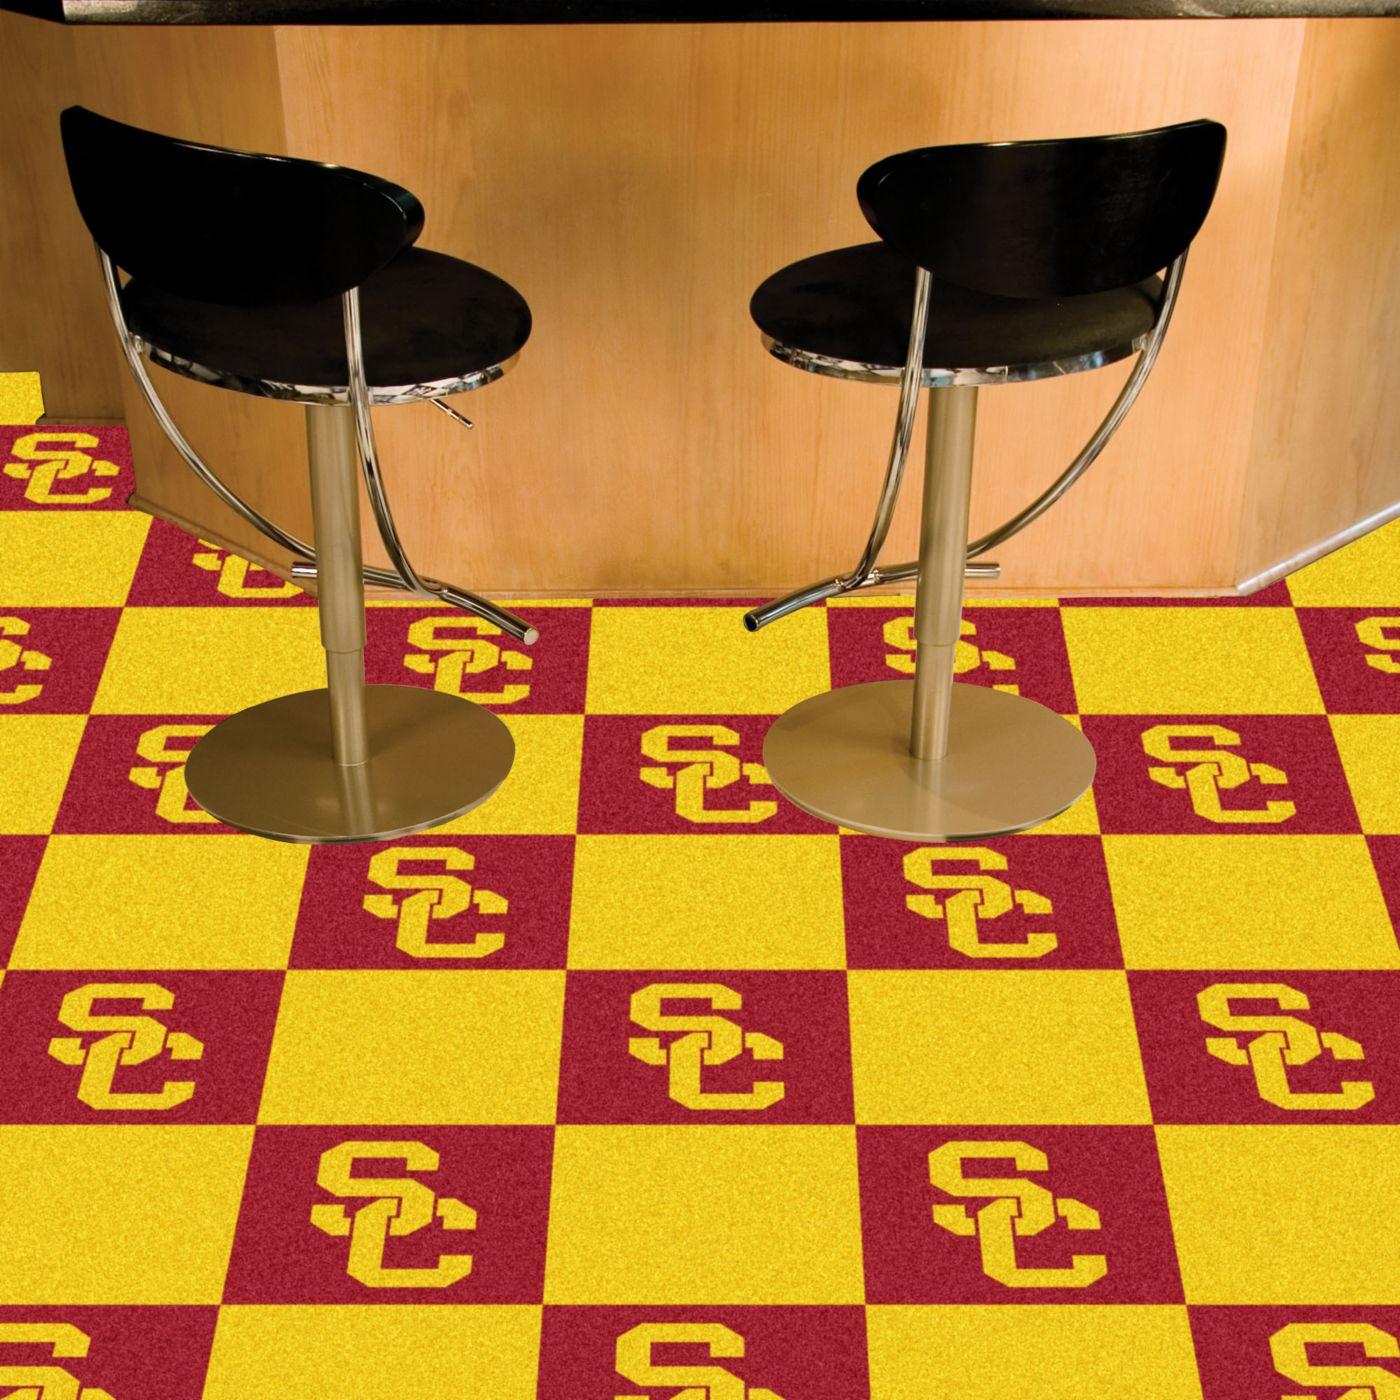 FANMATS USC Trojans Team Carpet Tiles